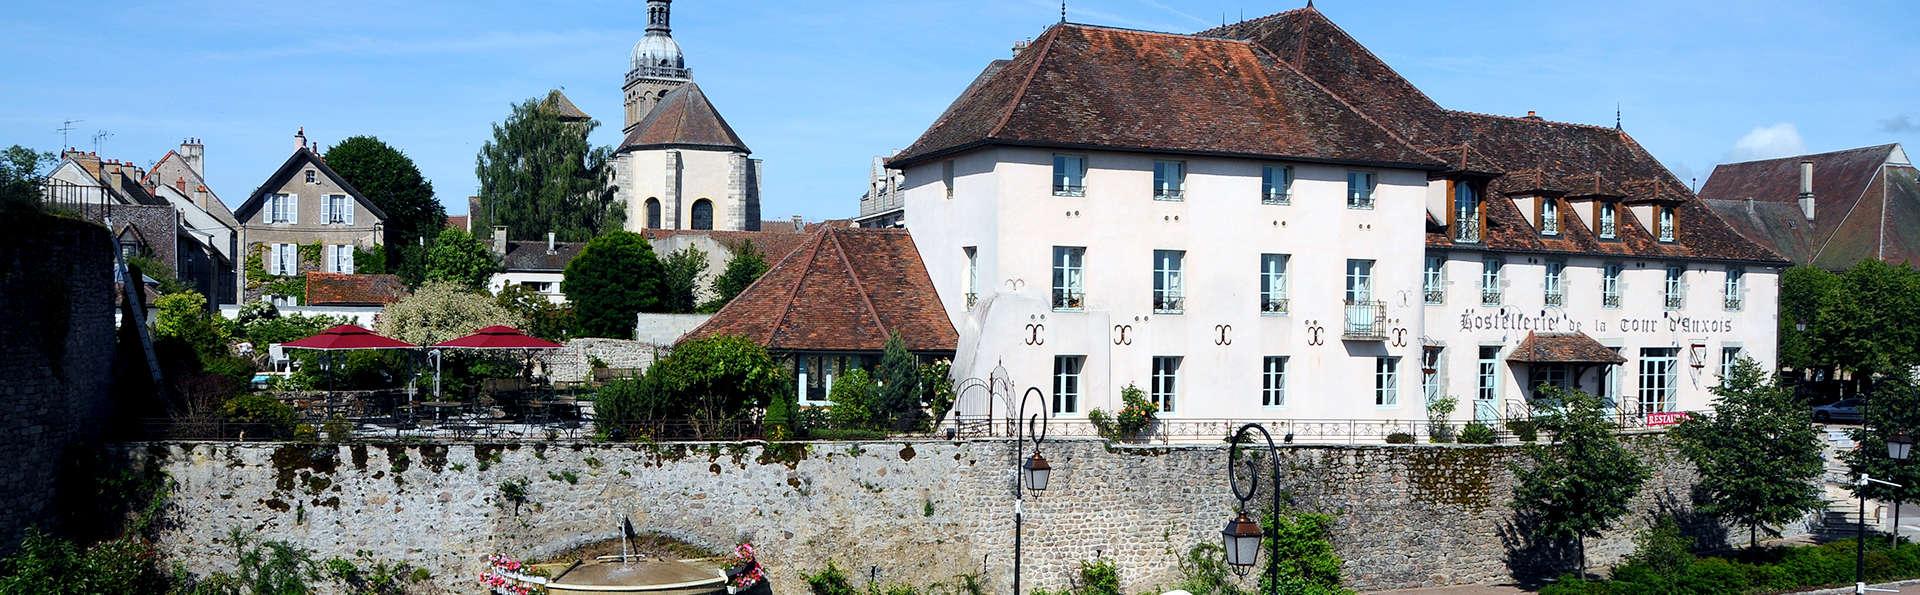 Hostellerie de la Tour d'Auxois  - Edit_Front.jpg